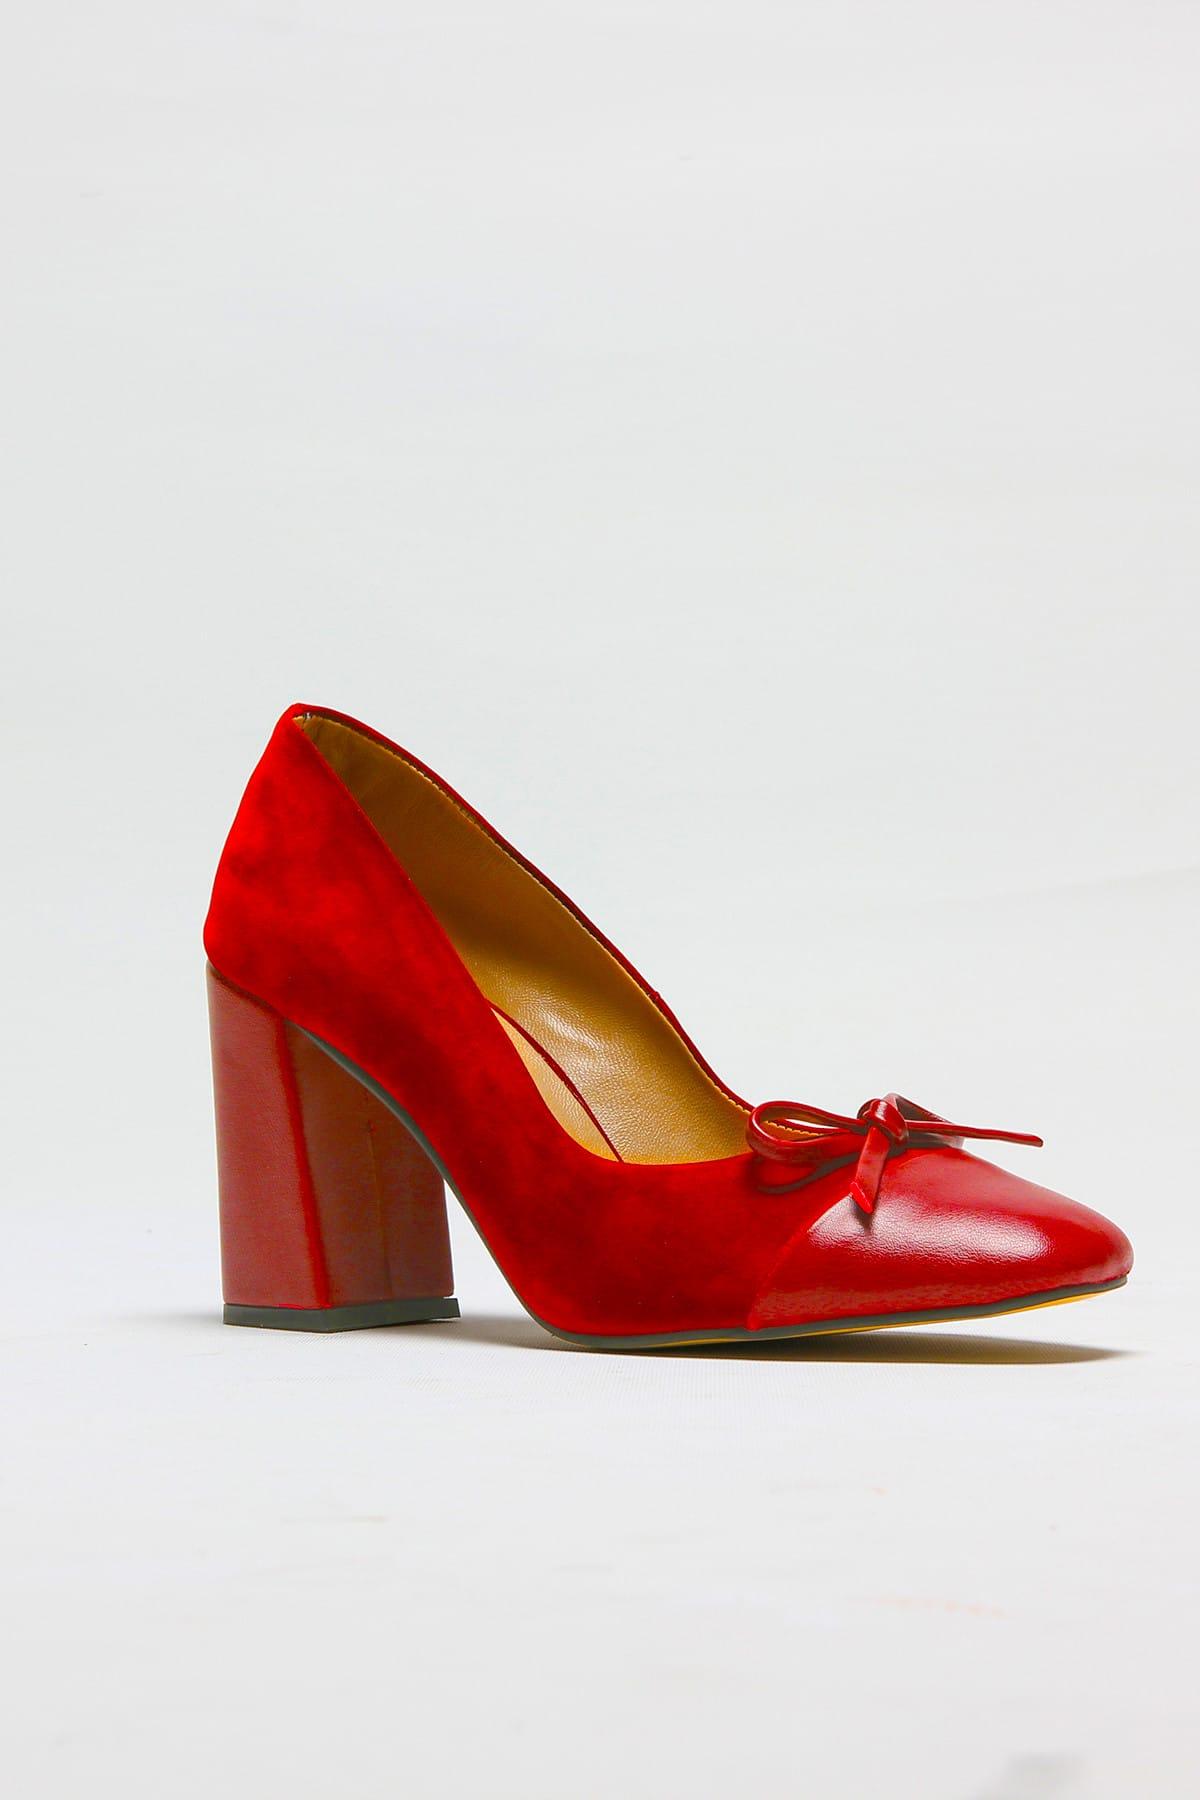 ROVIGO Kırmızı Kadın Topuklu Ayakkabı 11112014187-1-01 2